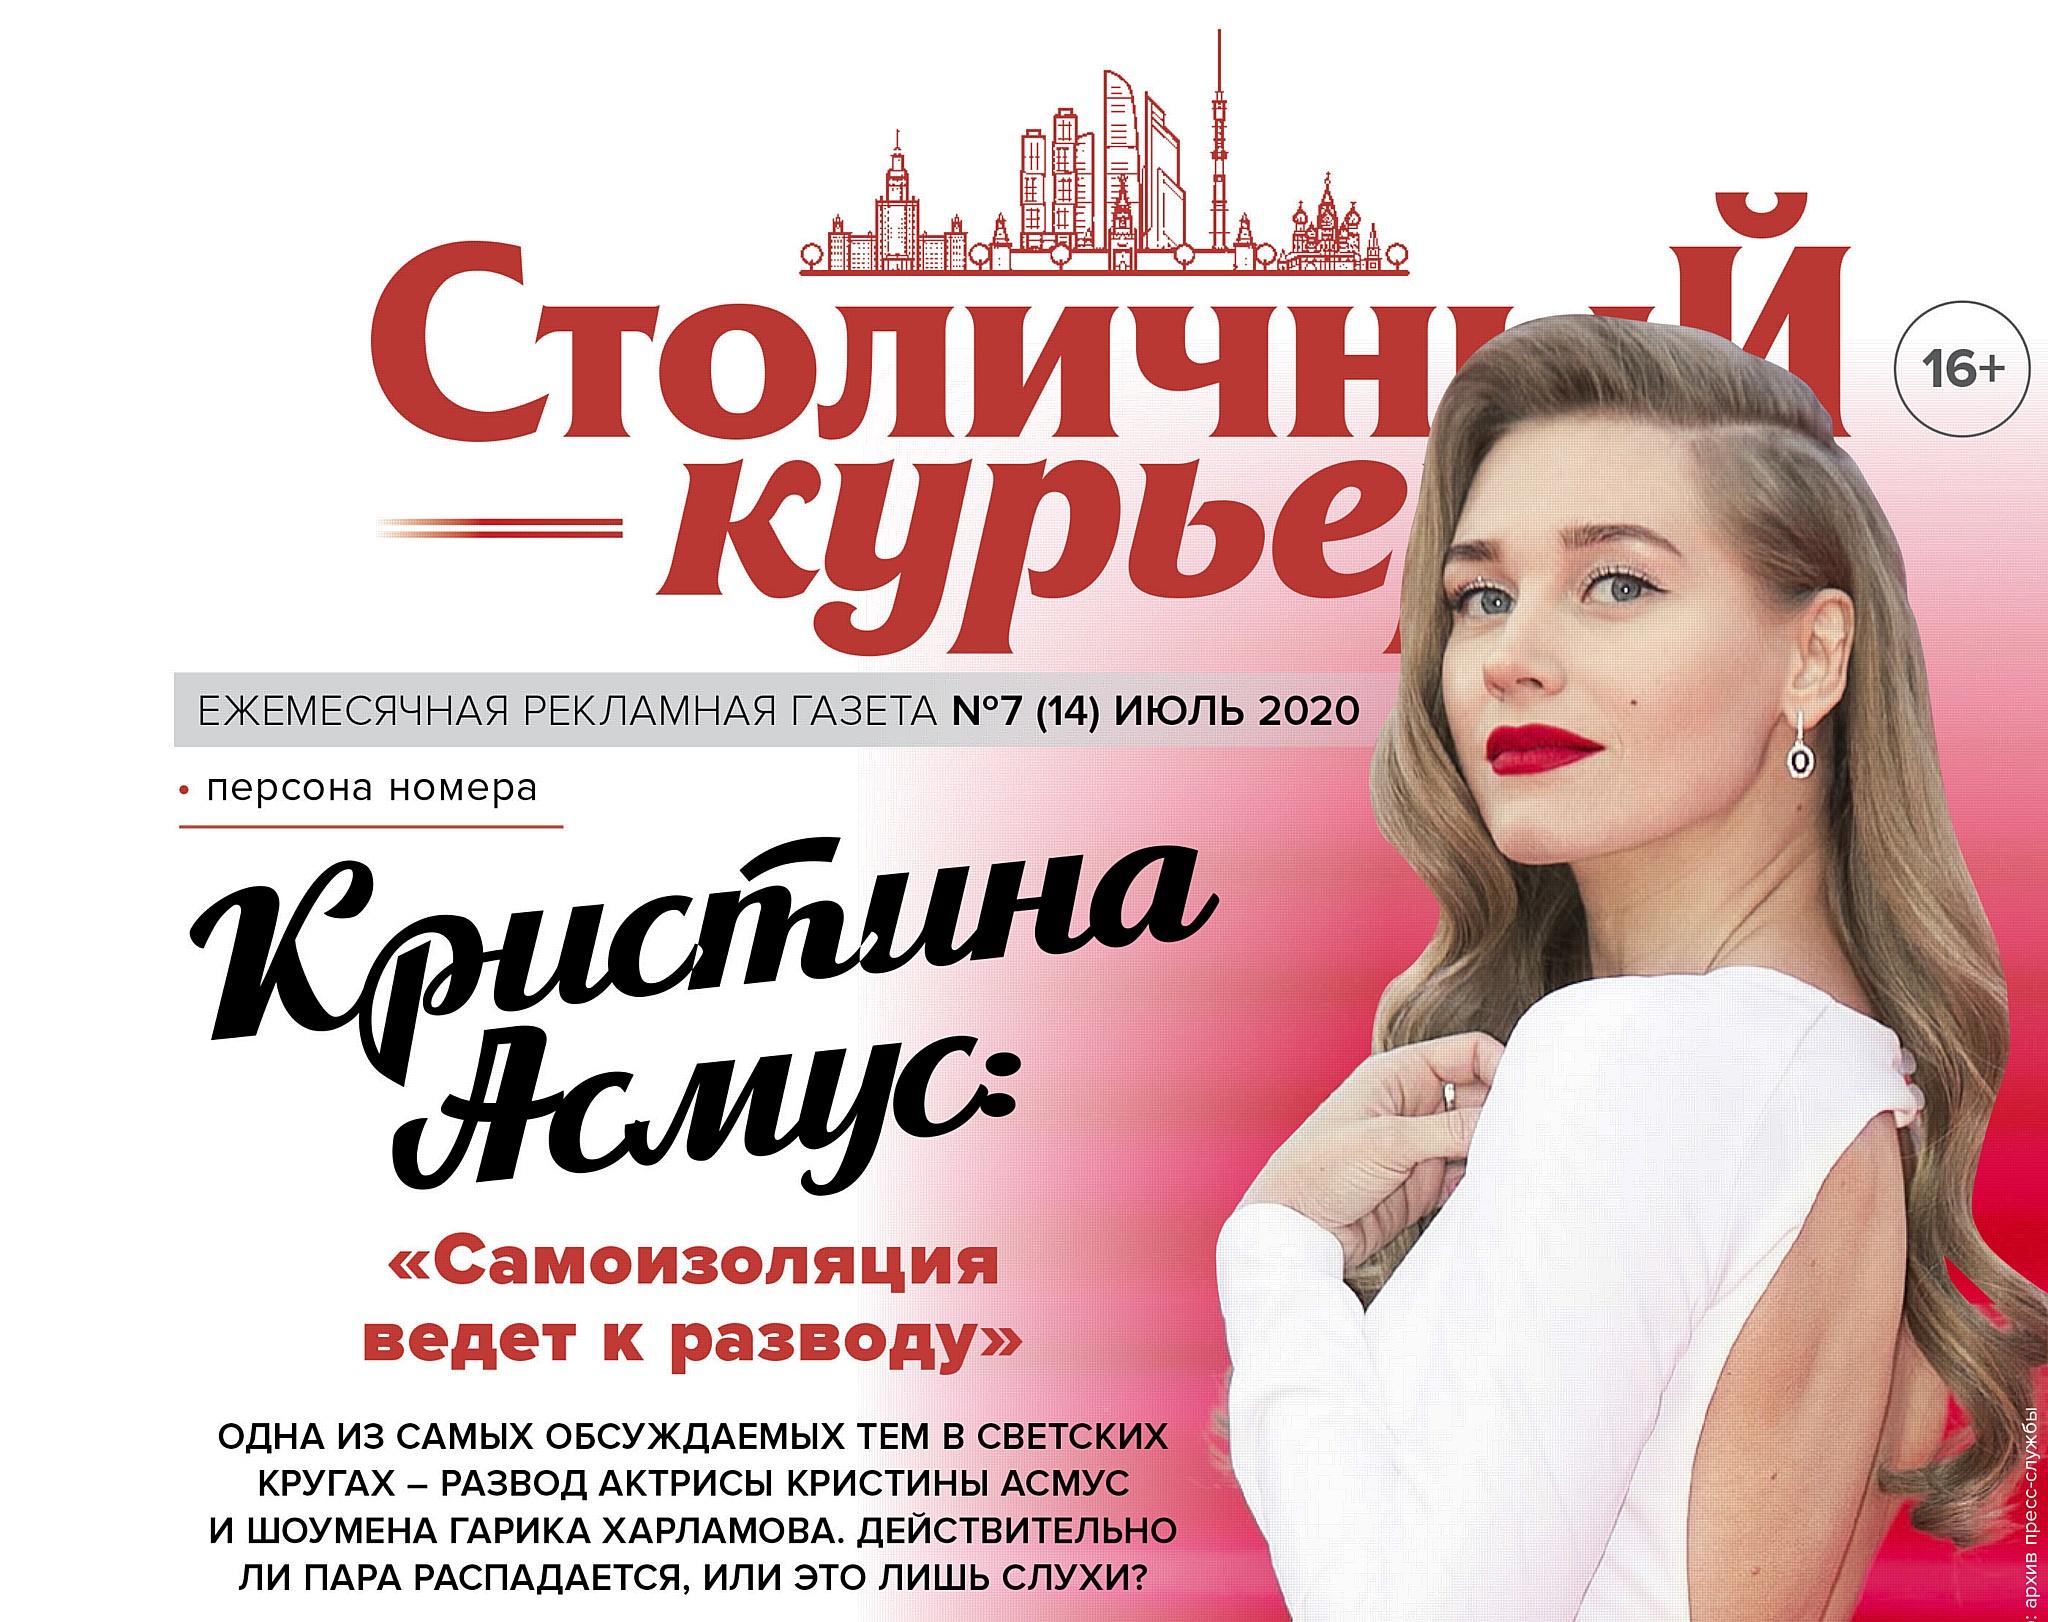 Газета «Столичный курьер» представила уникальную программу скидок